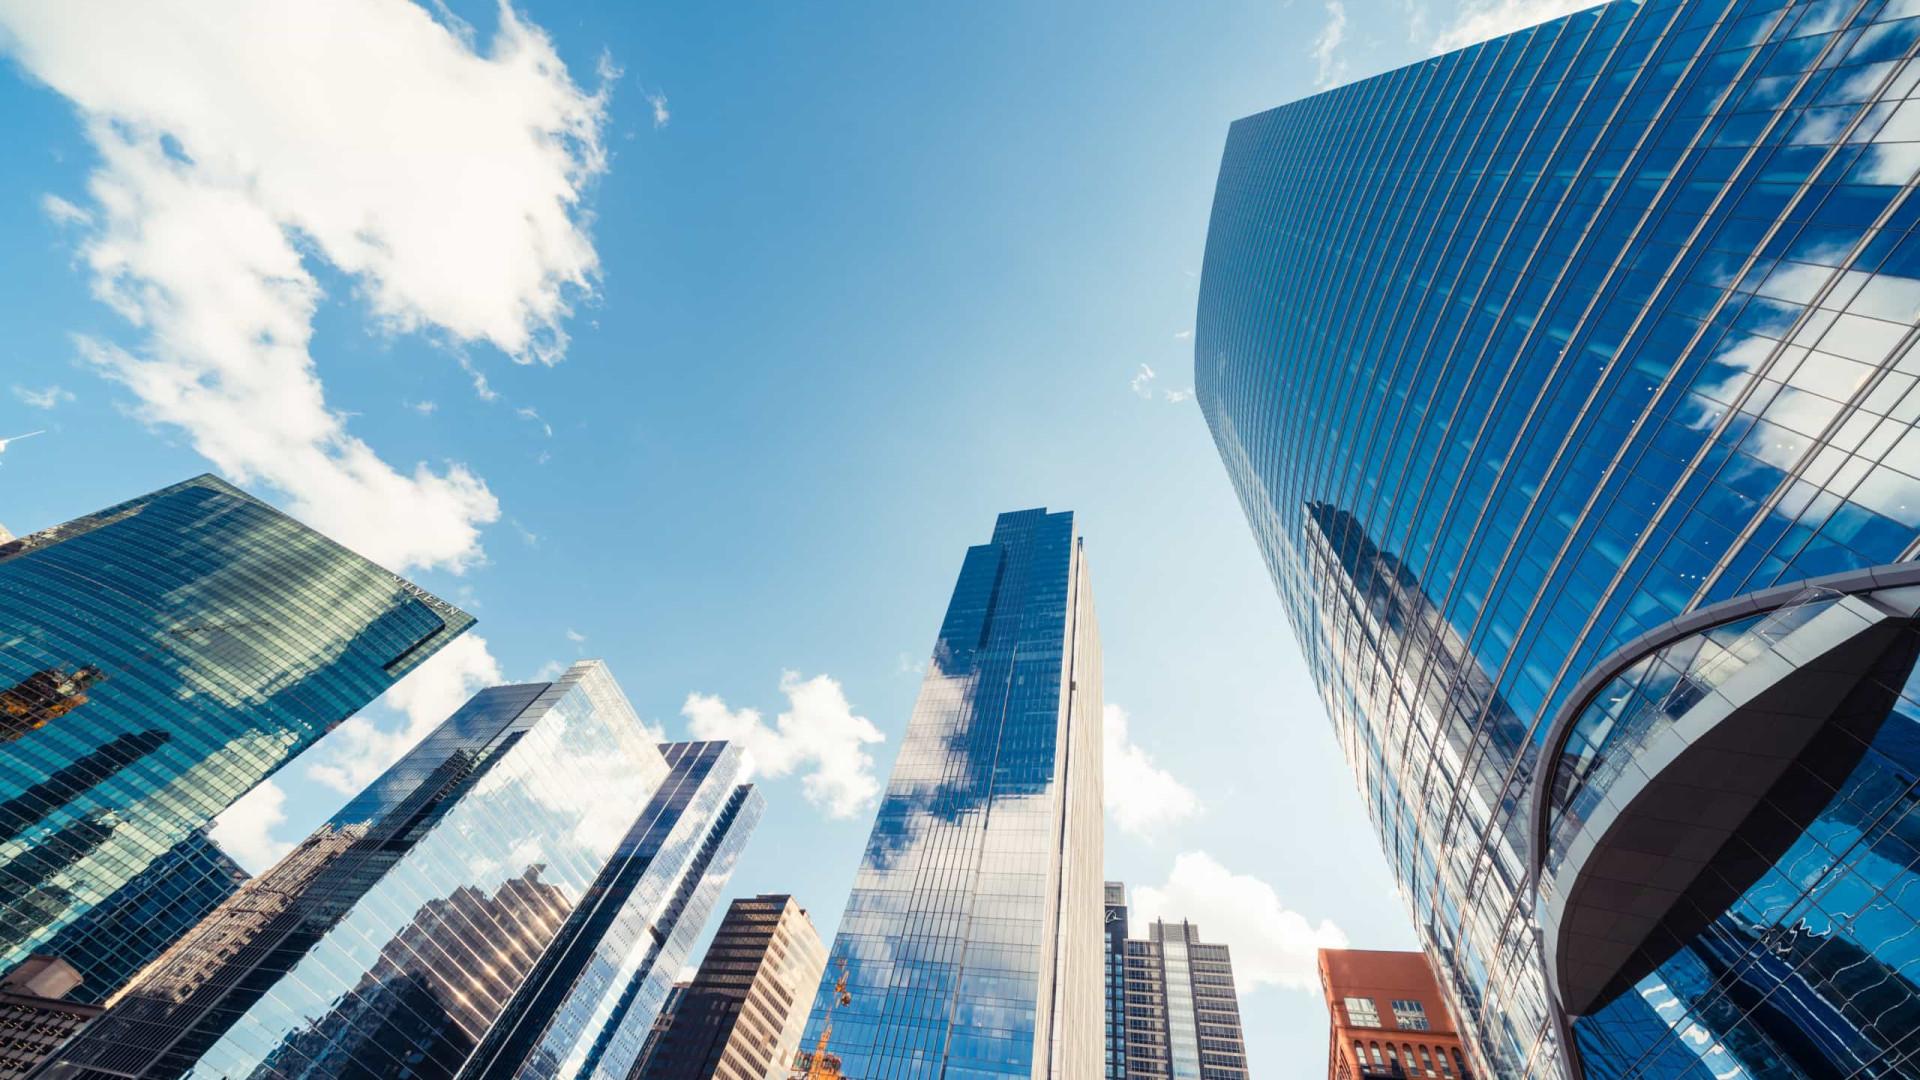 Eis as 10 melhores empresas para trabalhar no mundo